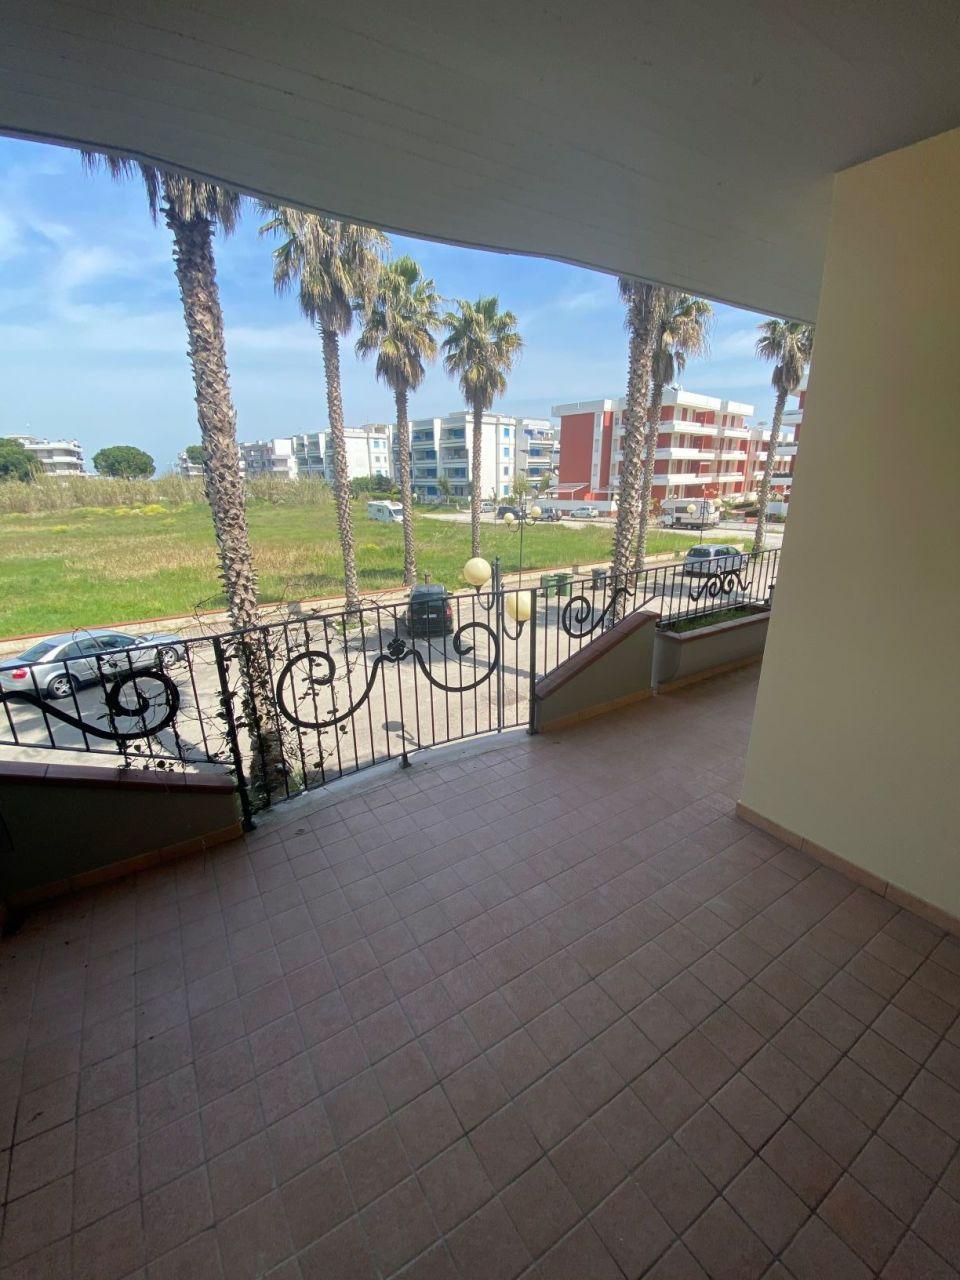 Appartamento in vendita a Martinsicuro, 3 locali, prezzo € 105.000 | CambioCasa.it